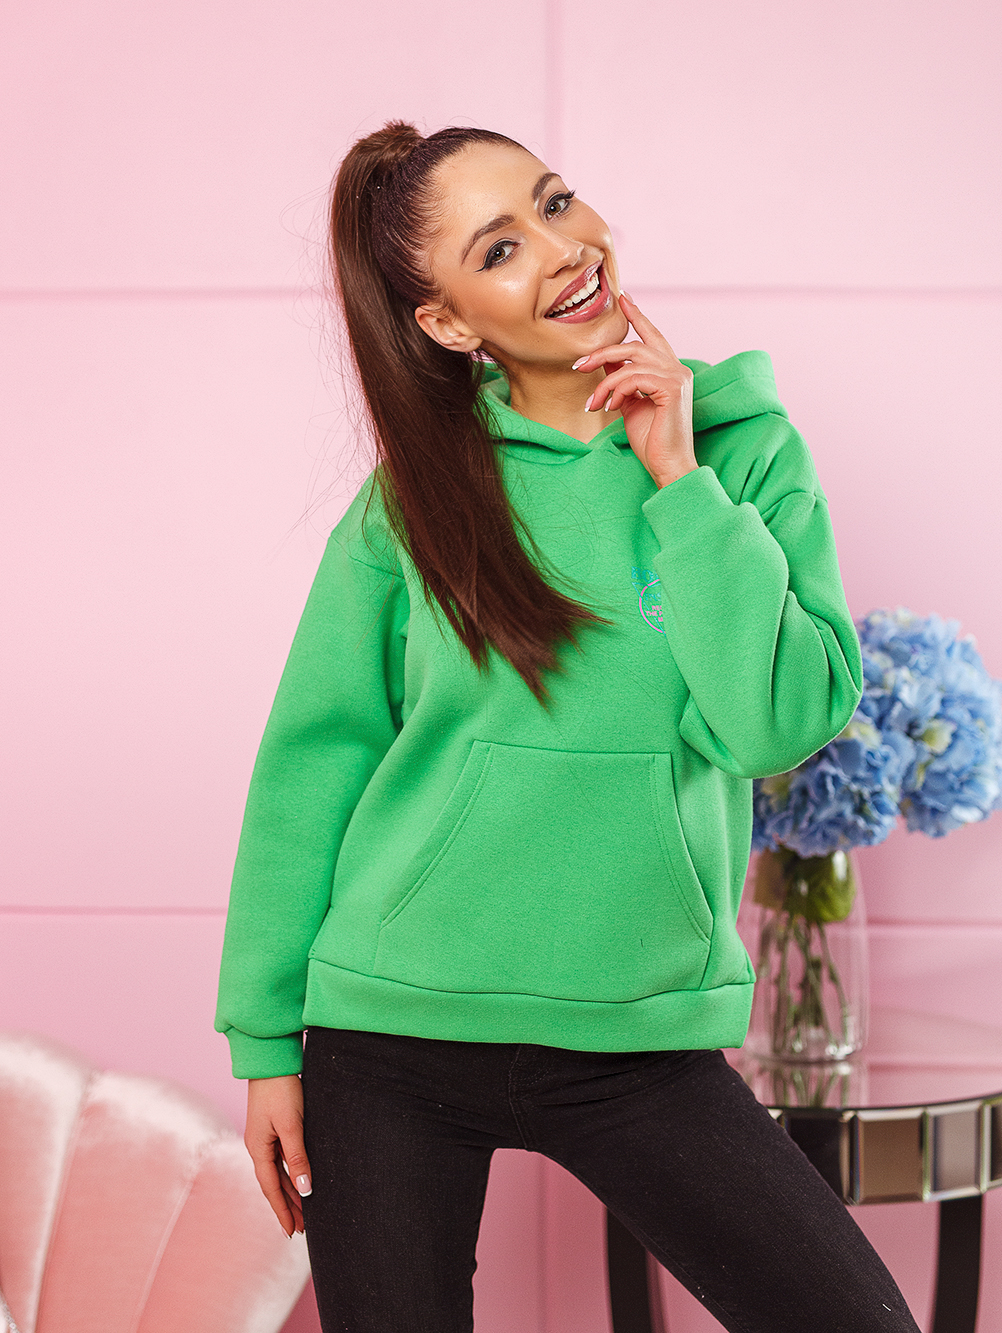 bluza damska bawelniana z zamkami po bokach nadruk na plecach i na piersi zielona (2)